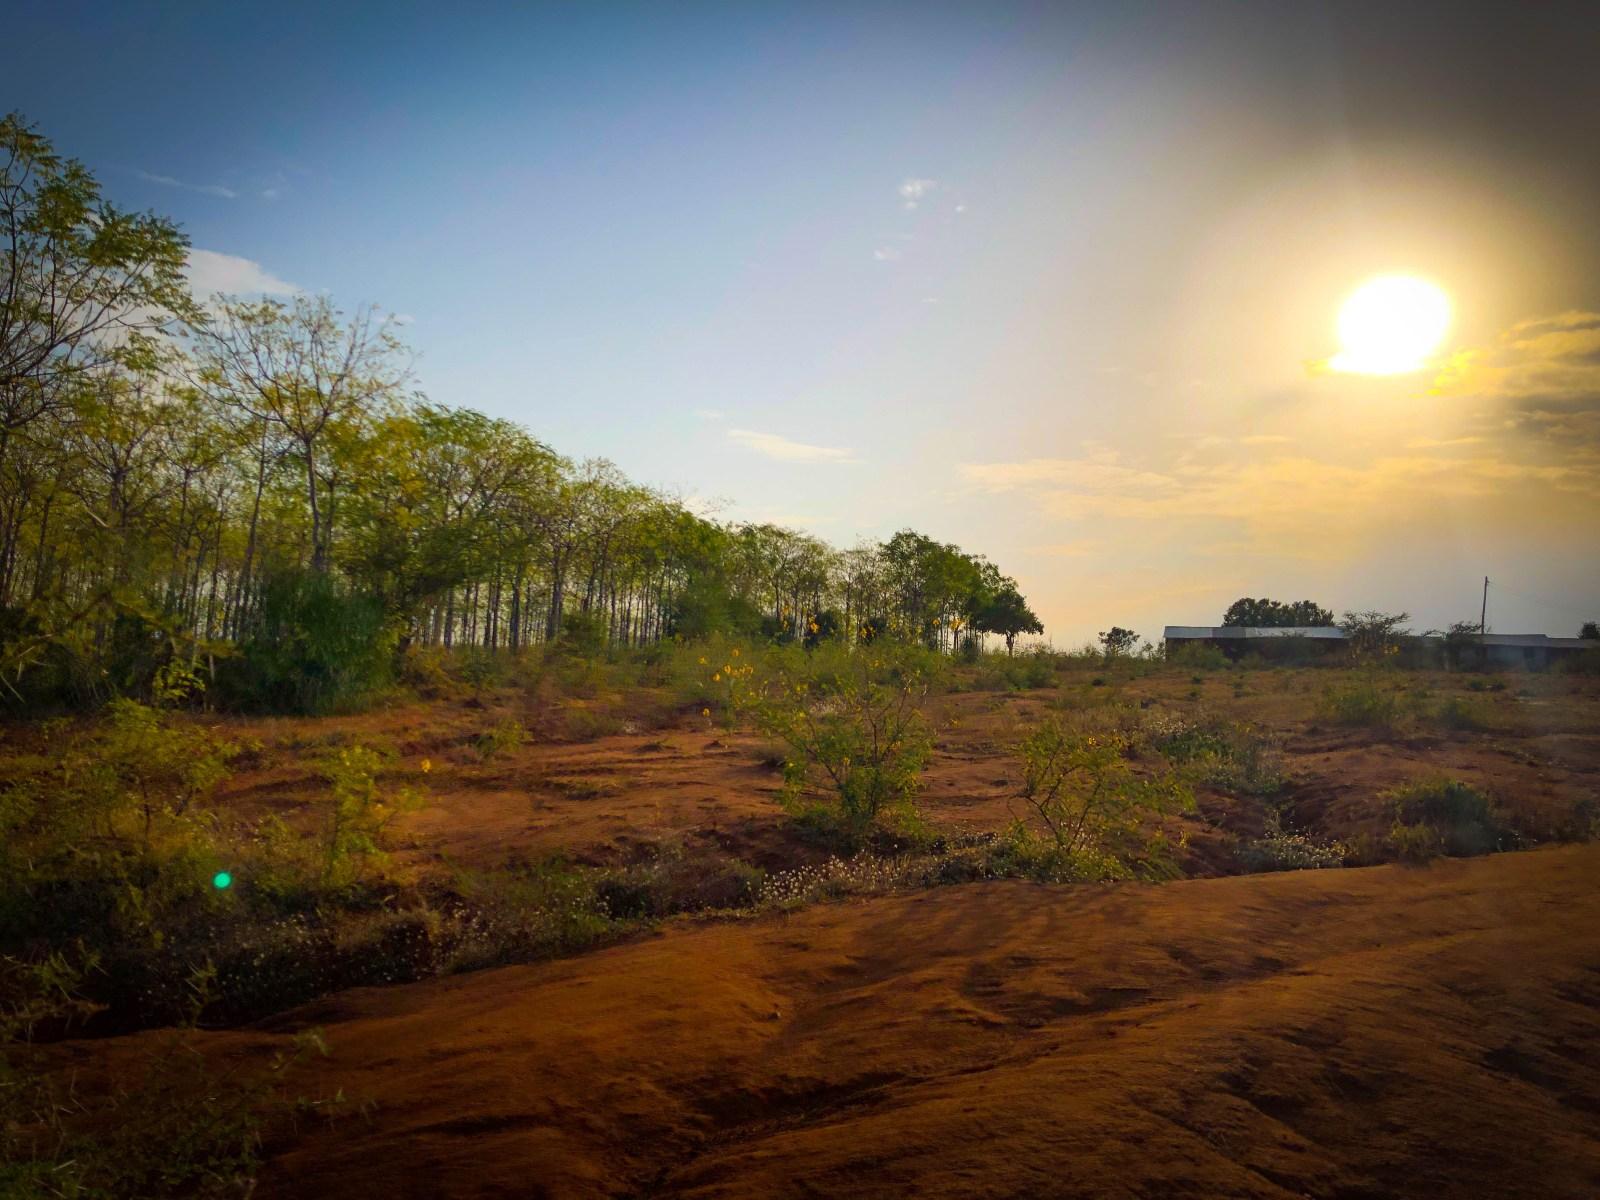 Precis utanför Kiambere-plantagen där den torra semi-öknen tar vid. Samma skola och gräns som syns på den tidigare översiktsbilden mellan plantagen och den röda marken.